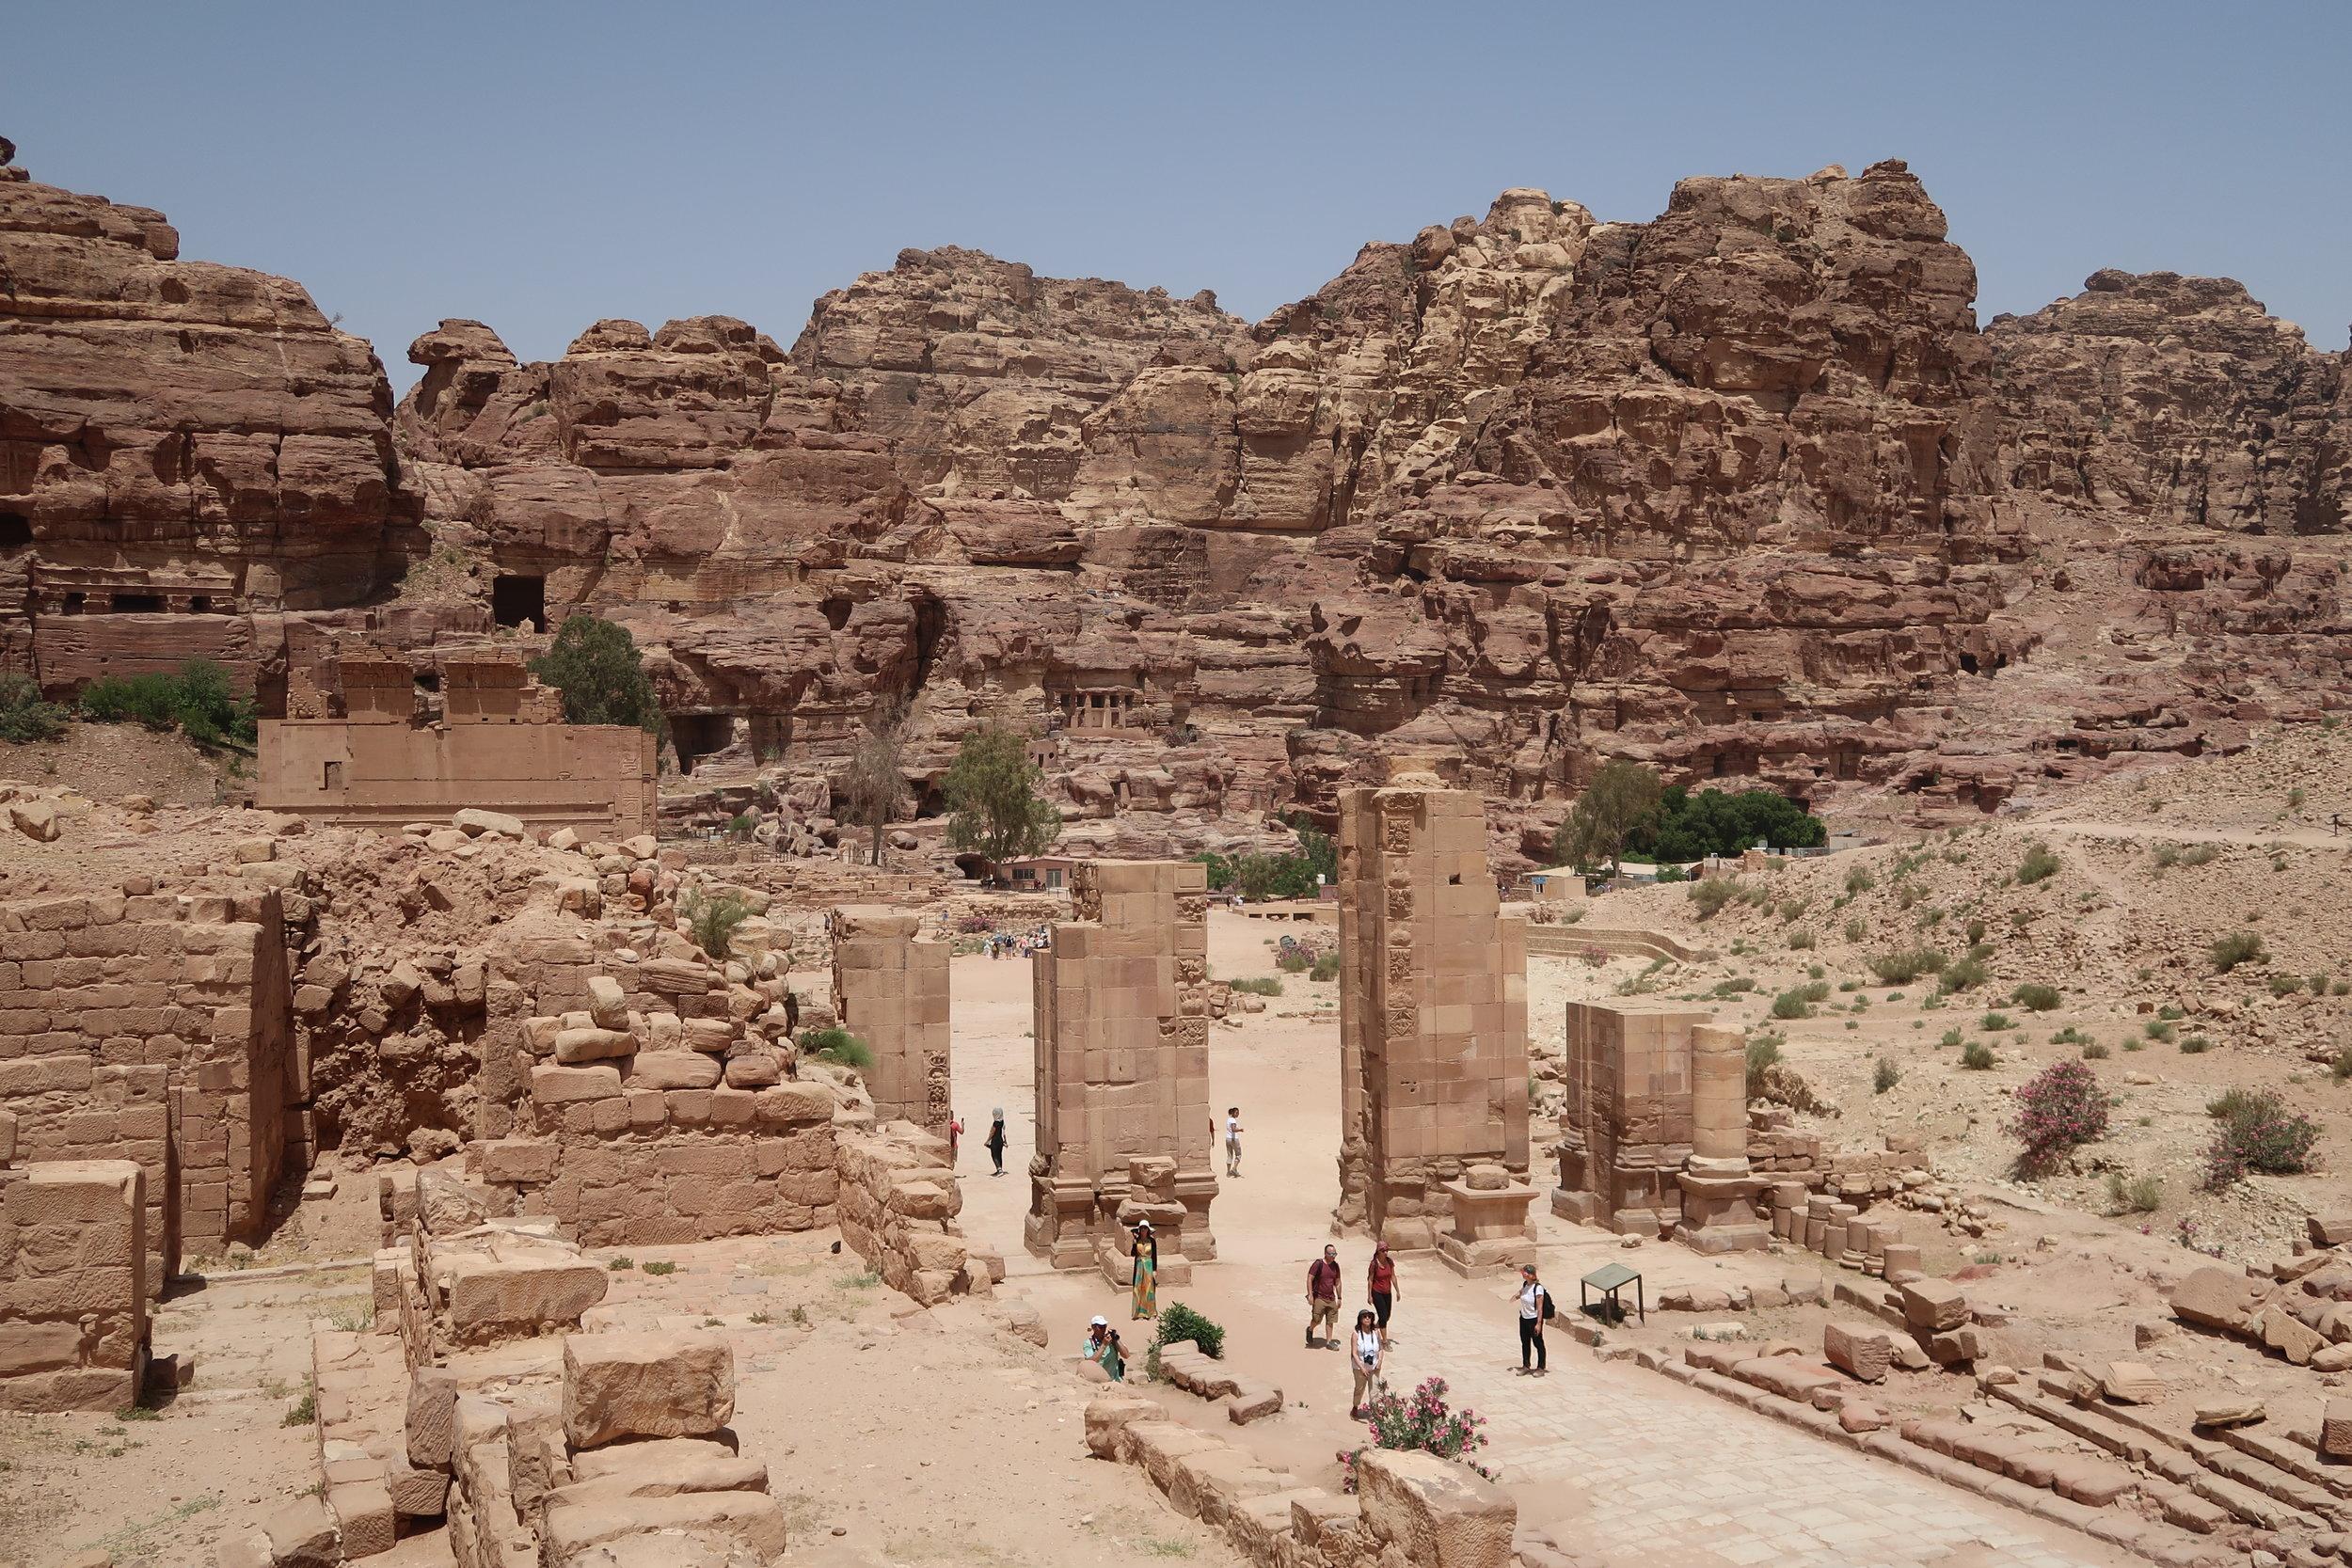 从大神庙往下看,柱廊街和街道古城门遗址,尽收眼底。